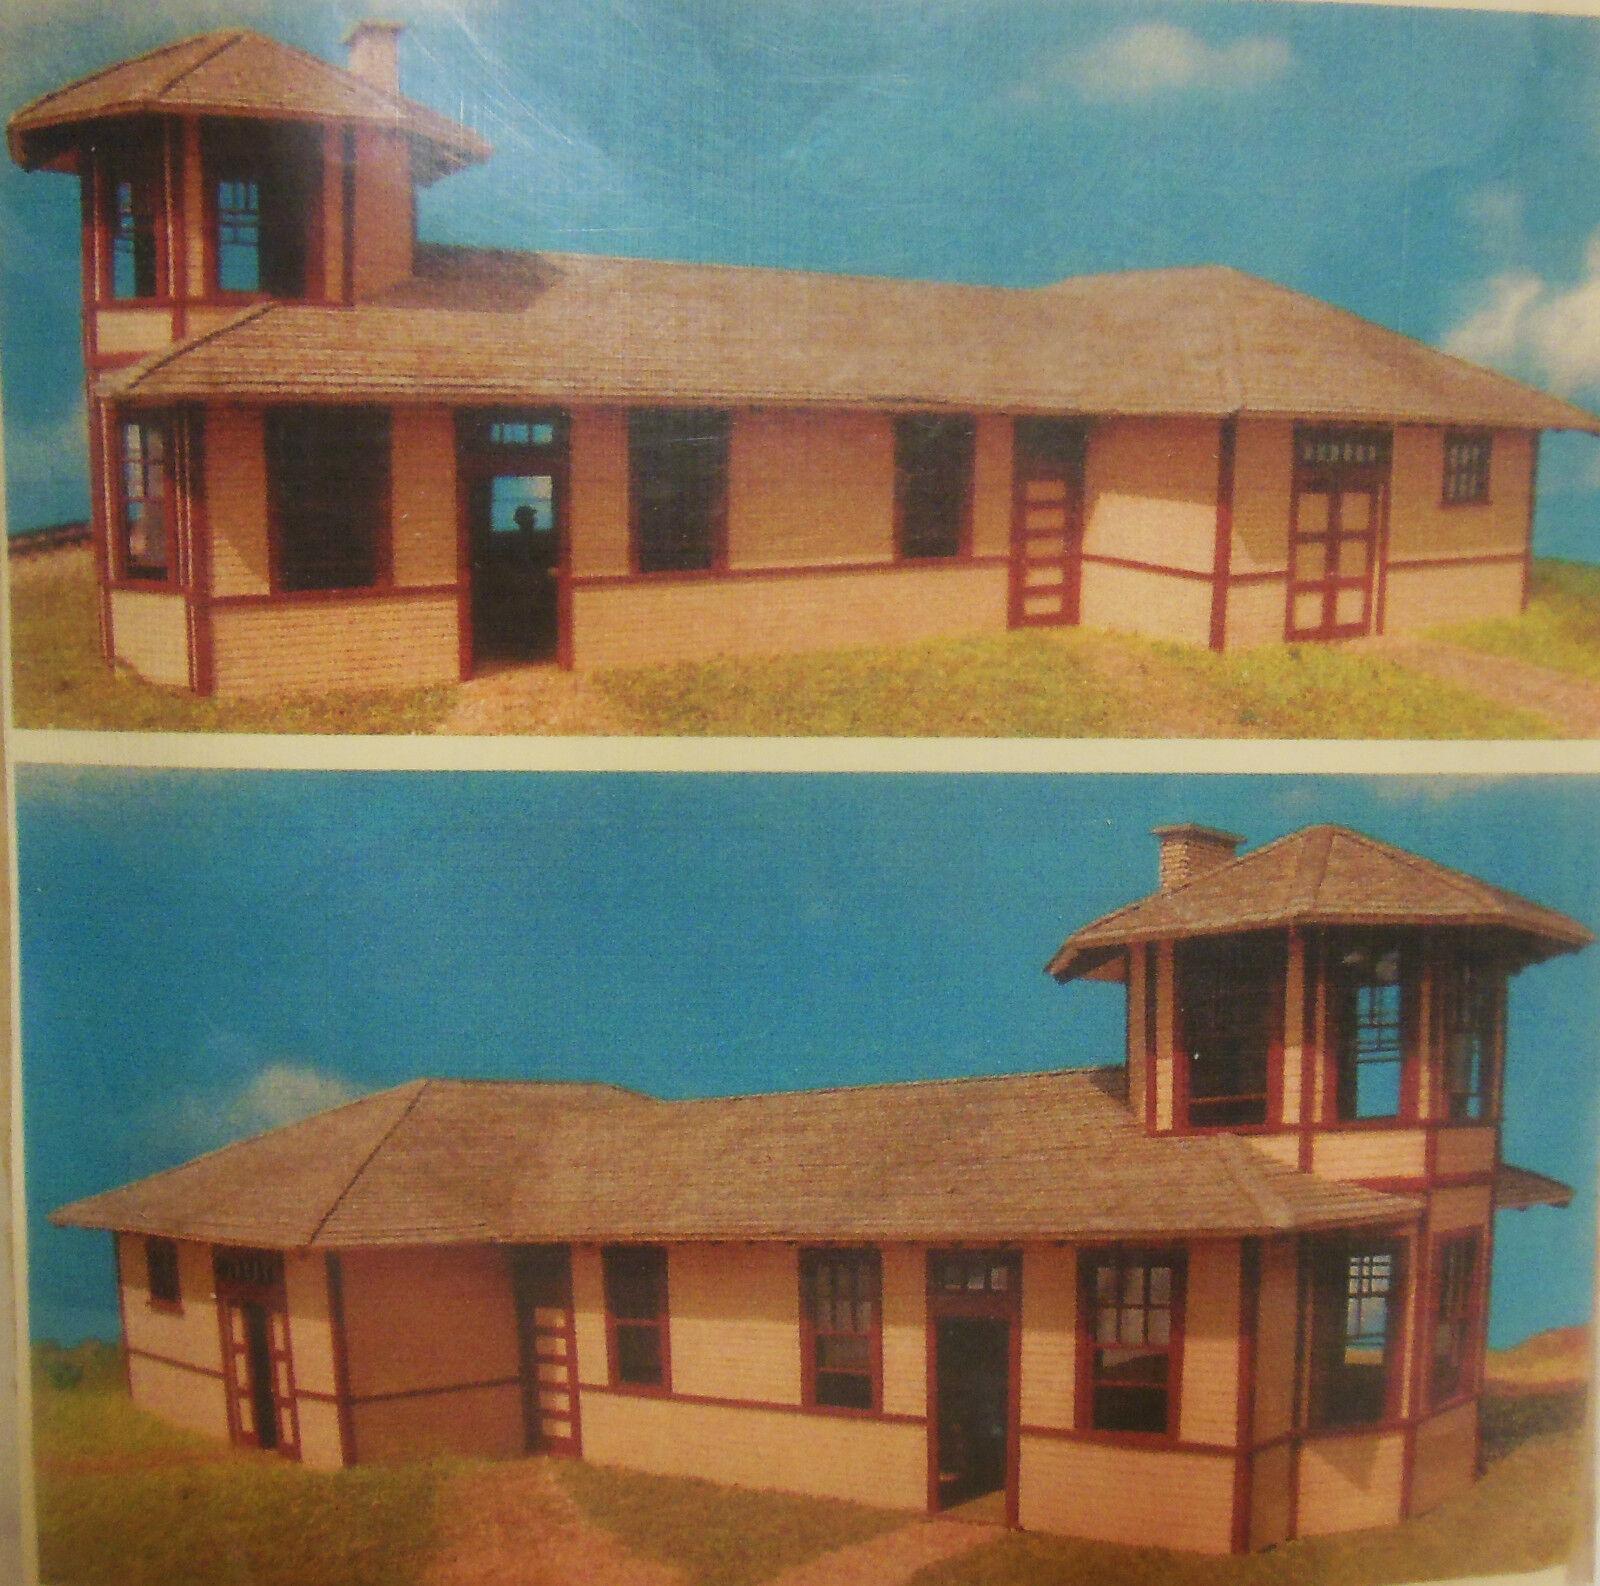 Junction City Depot Kit de corte láser por Gclaser-súper-escala HO-Top comprar